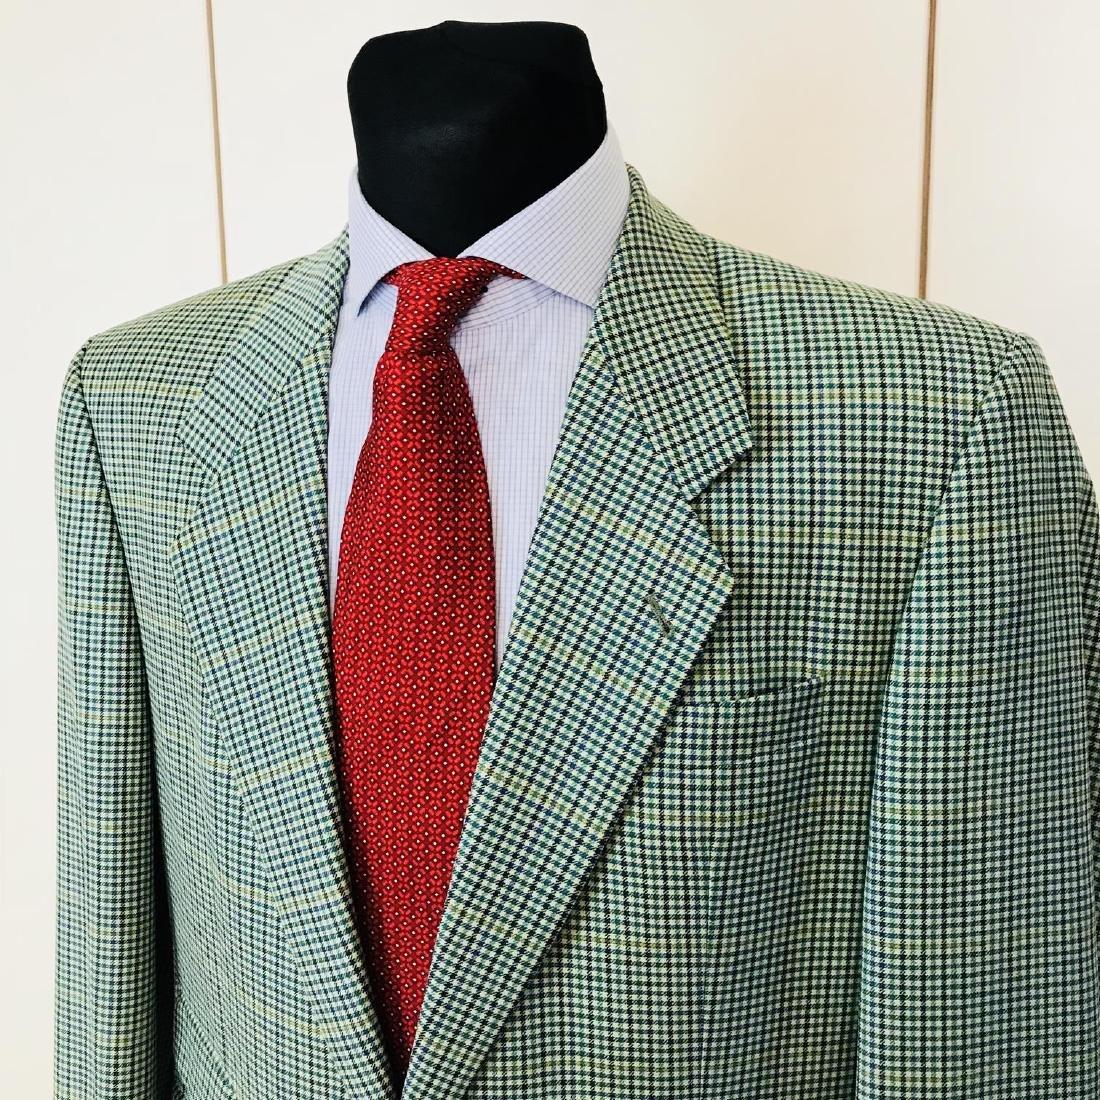 Vintage Men's Jacket Blazer Size US 42 EUR 52 - 2